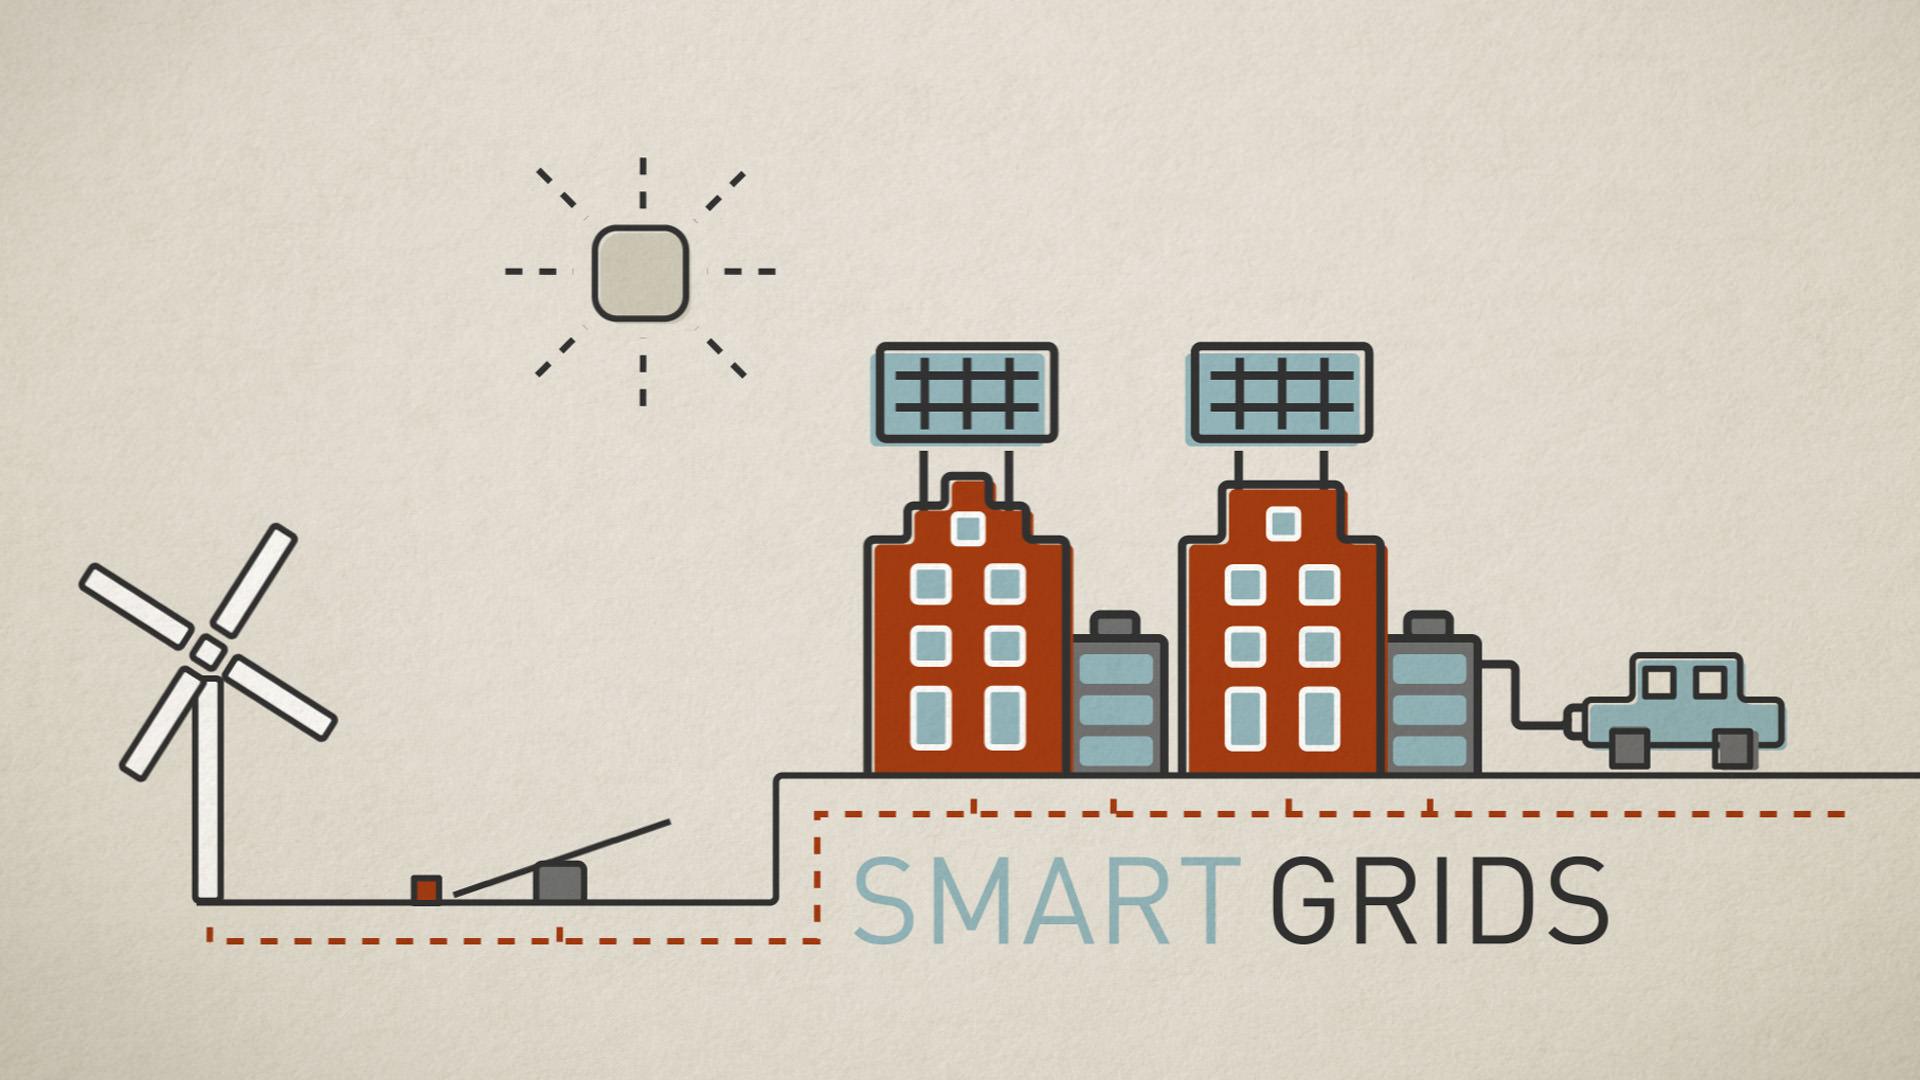 Eurofiber Smart cities